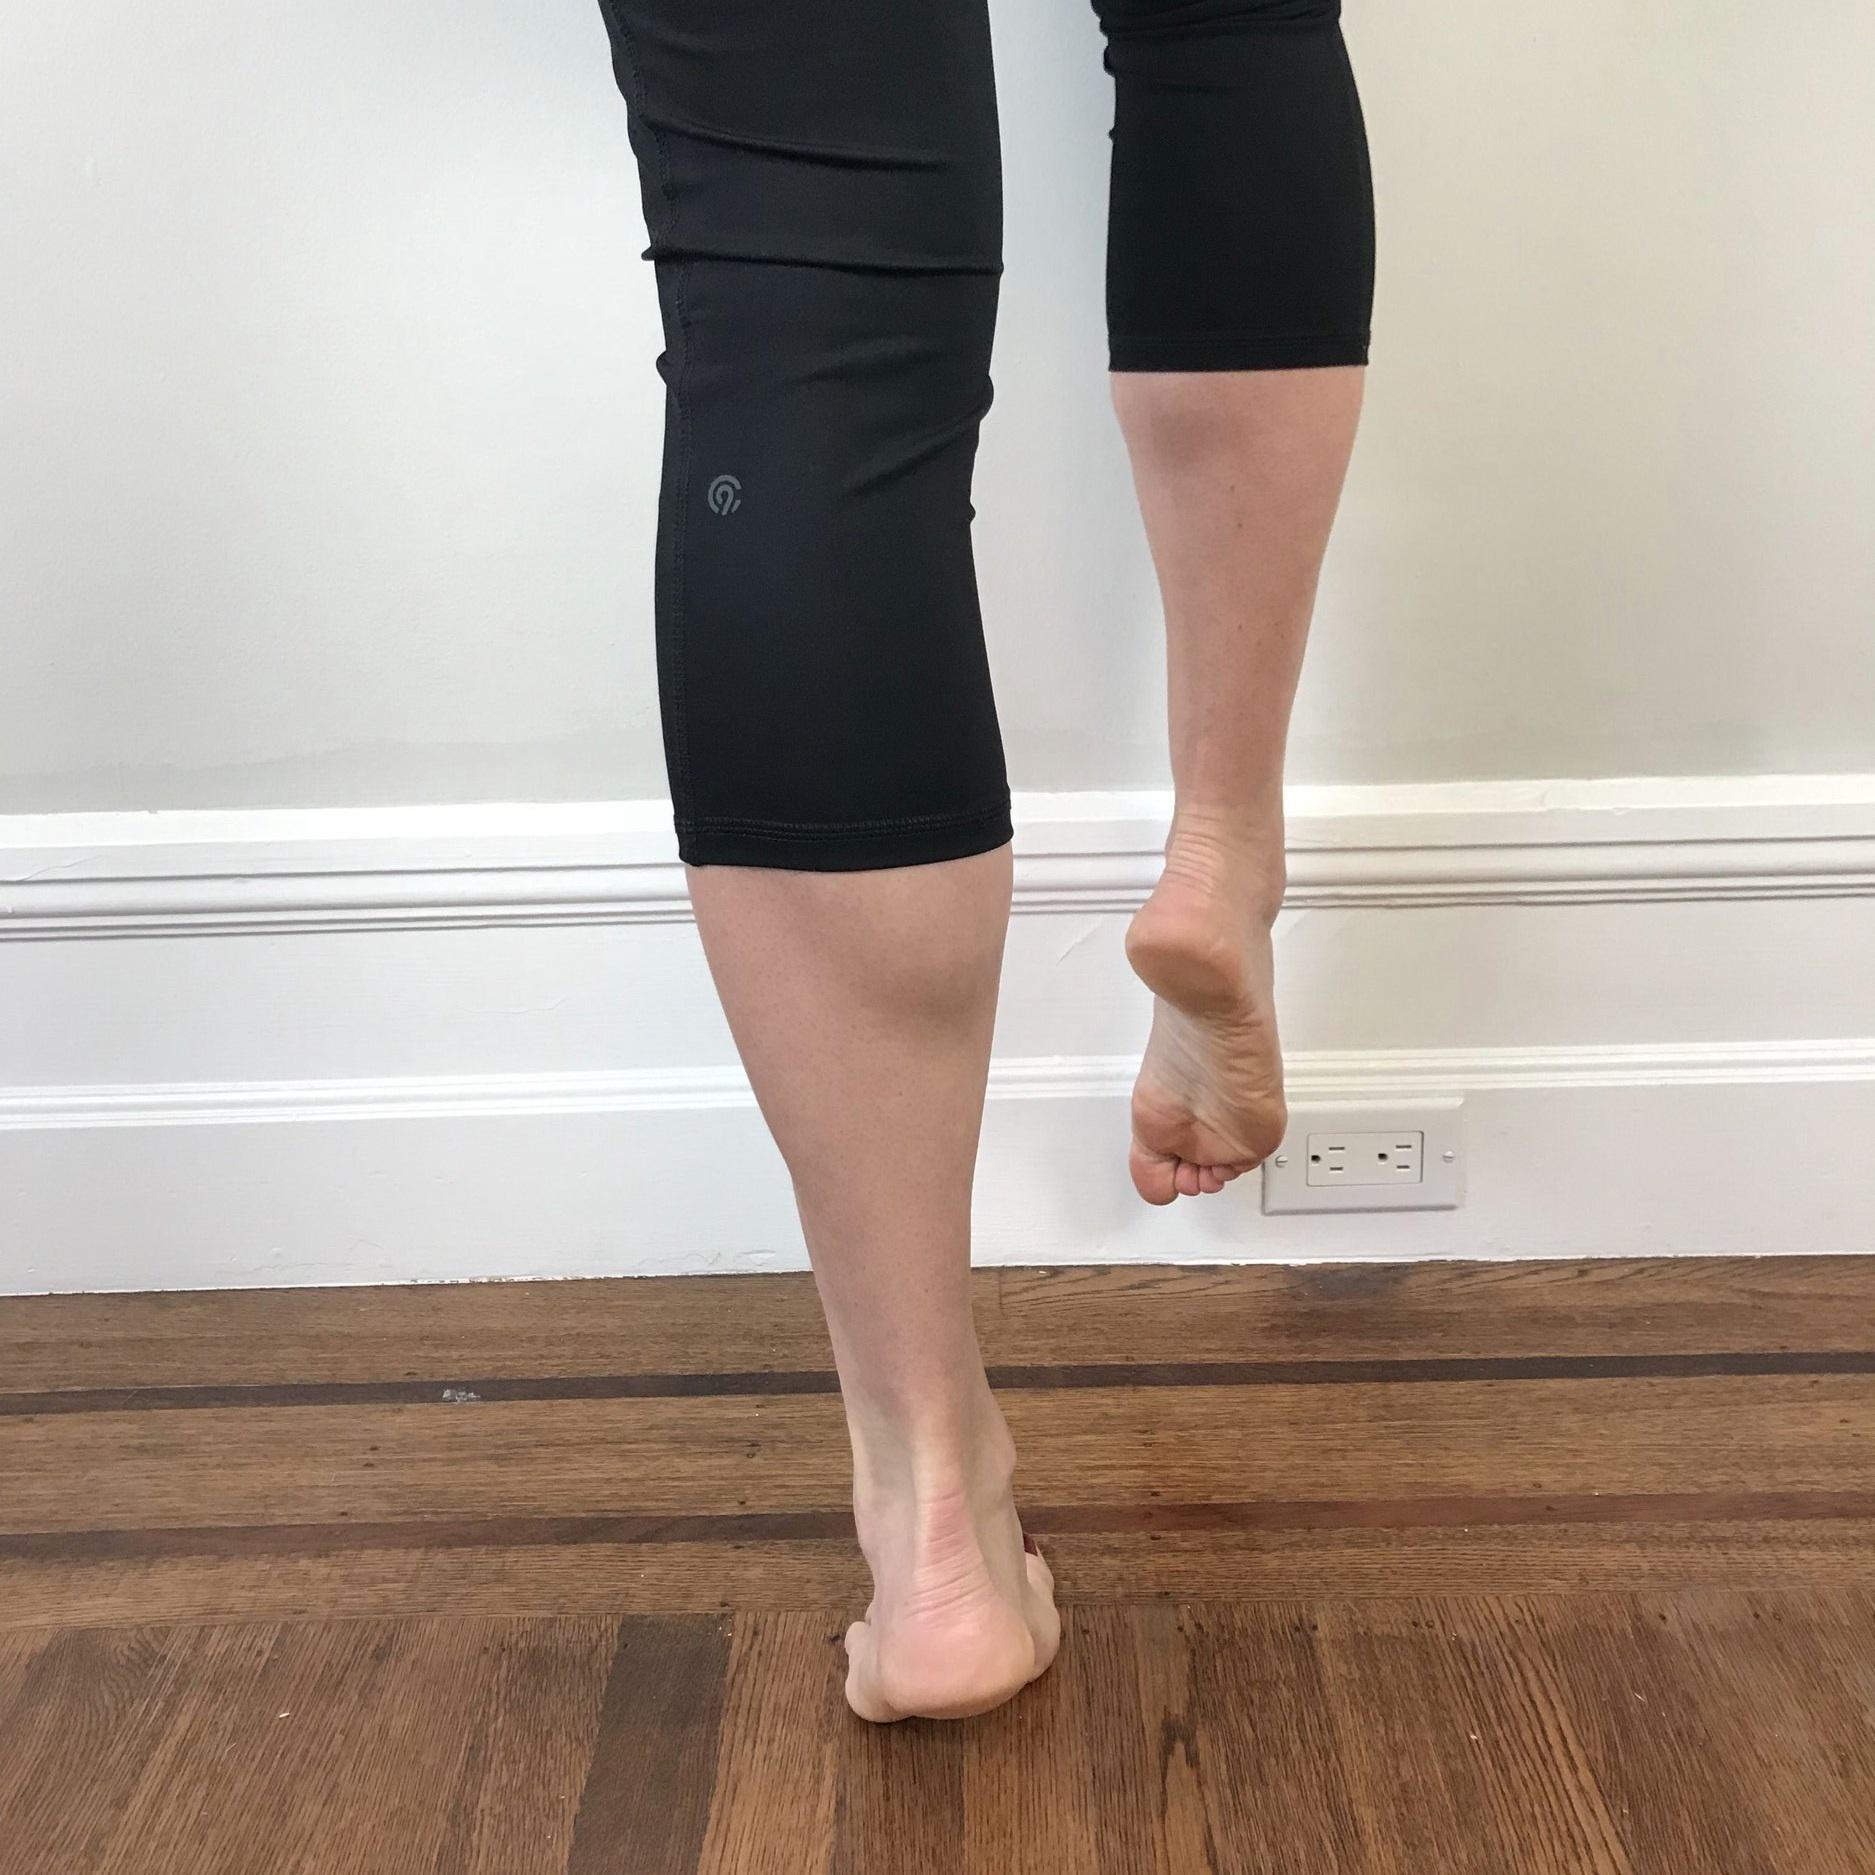 Good single leg calf raise